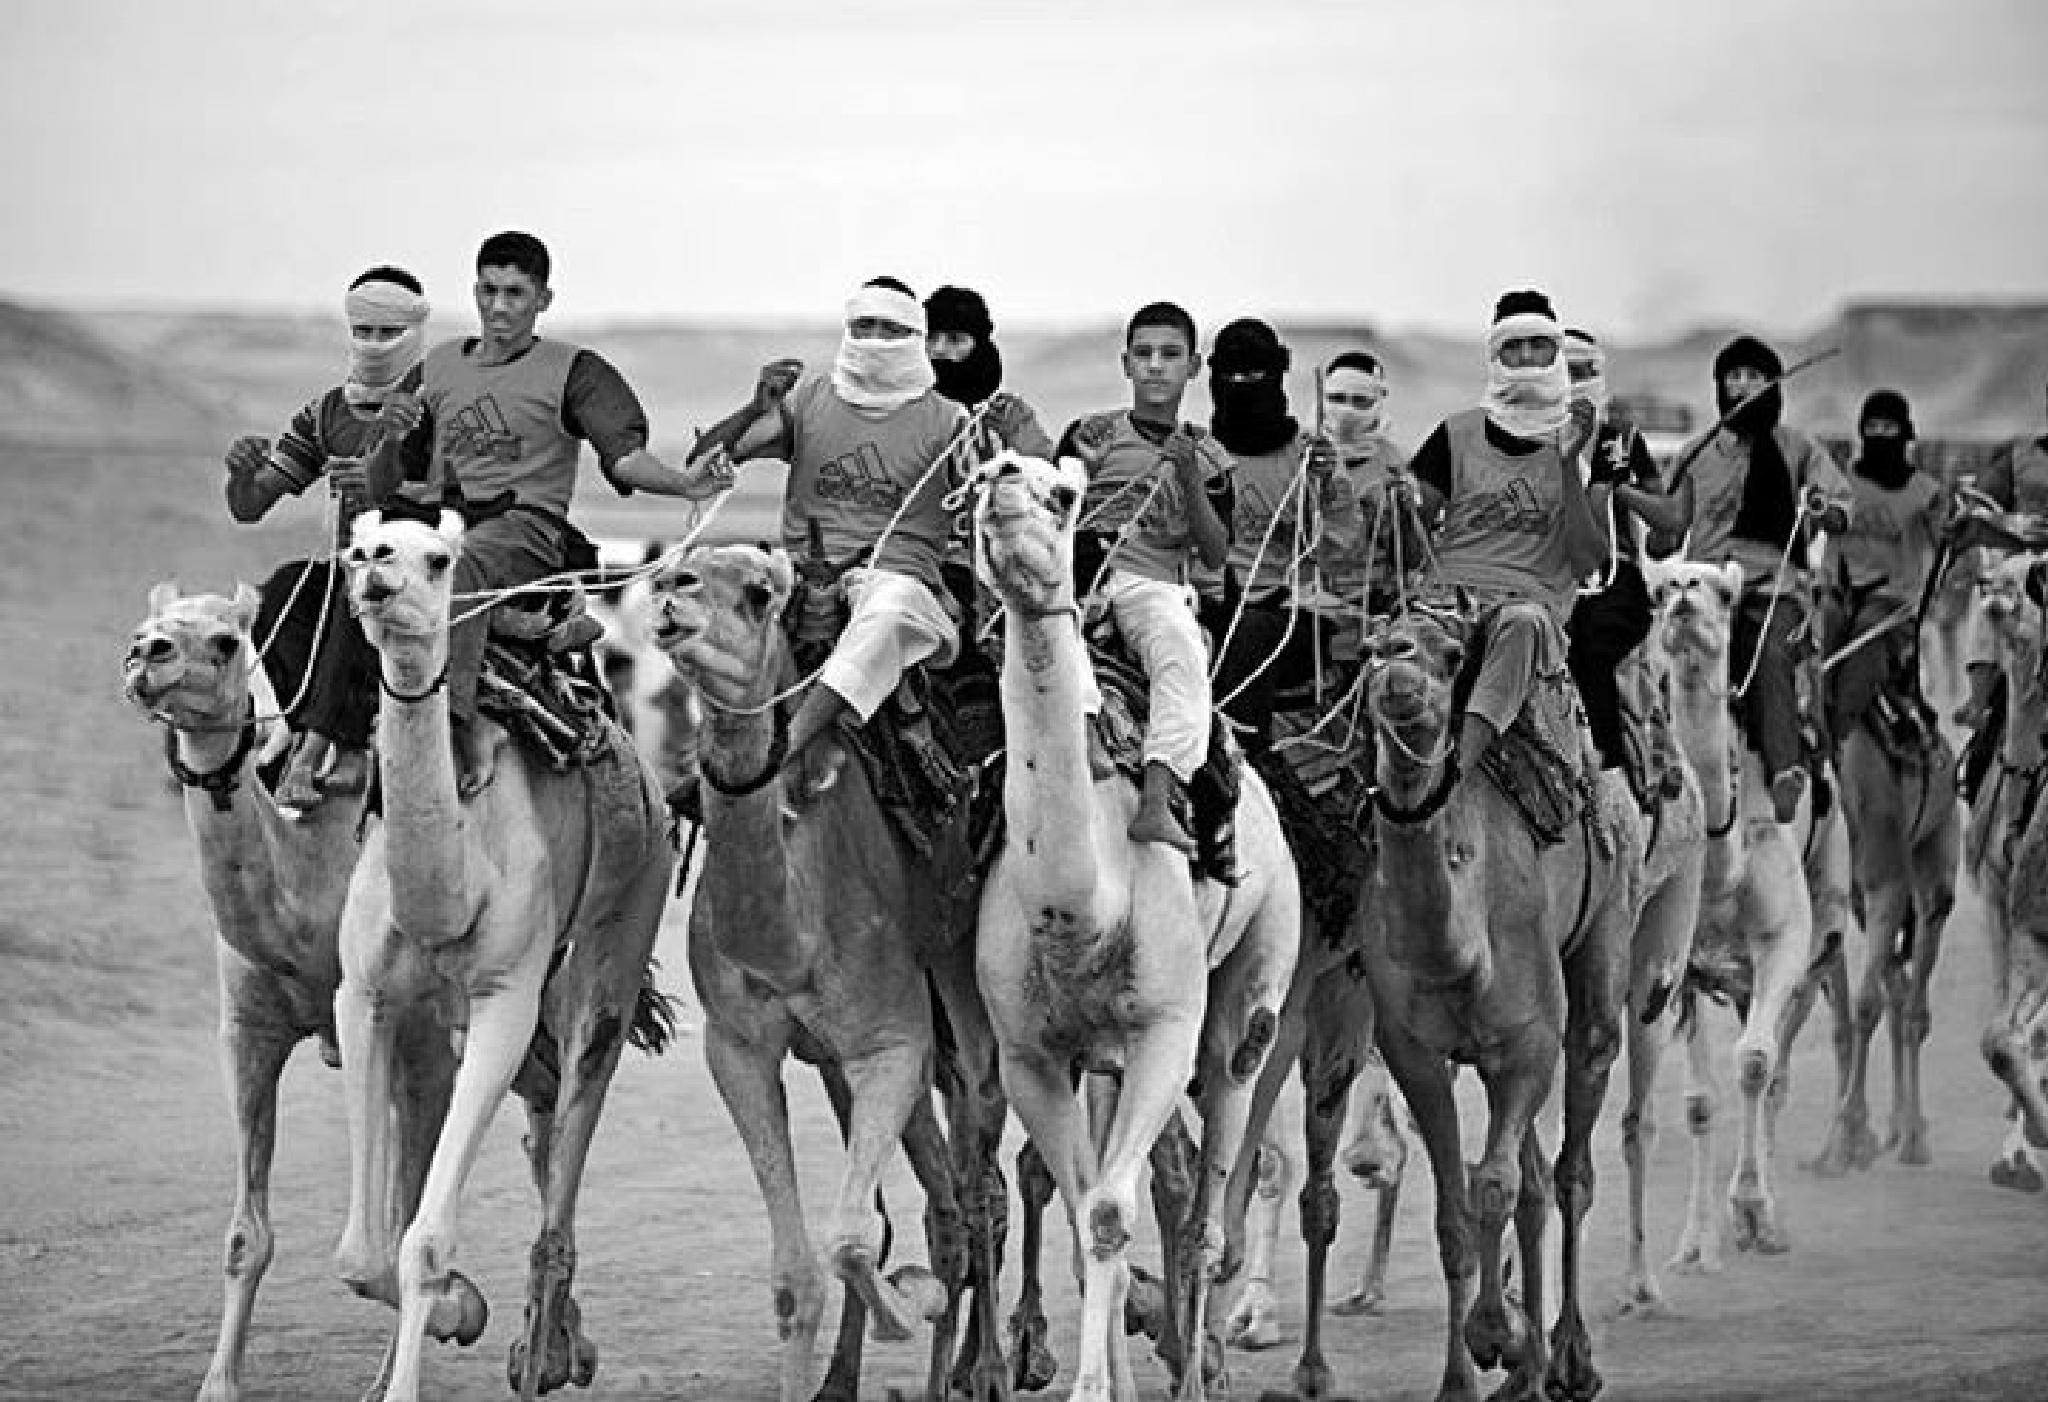 Course de chameaux by Bachir Fourar